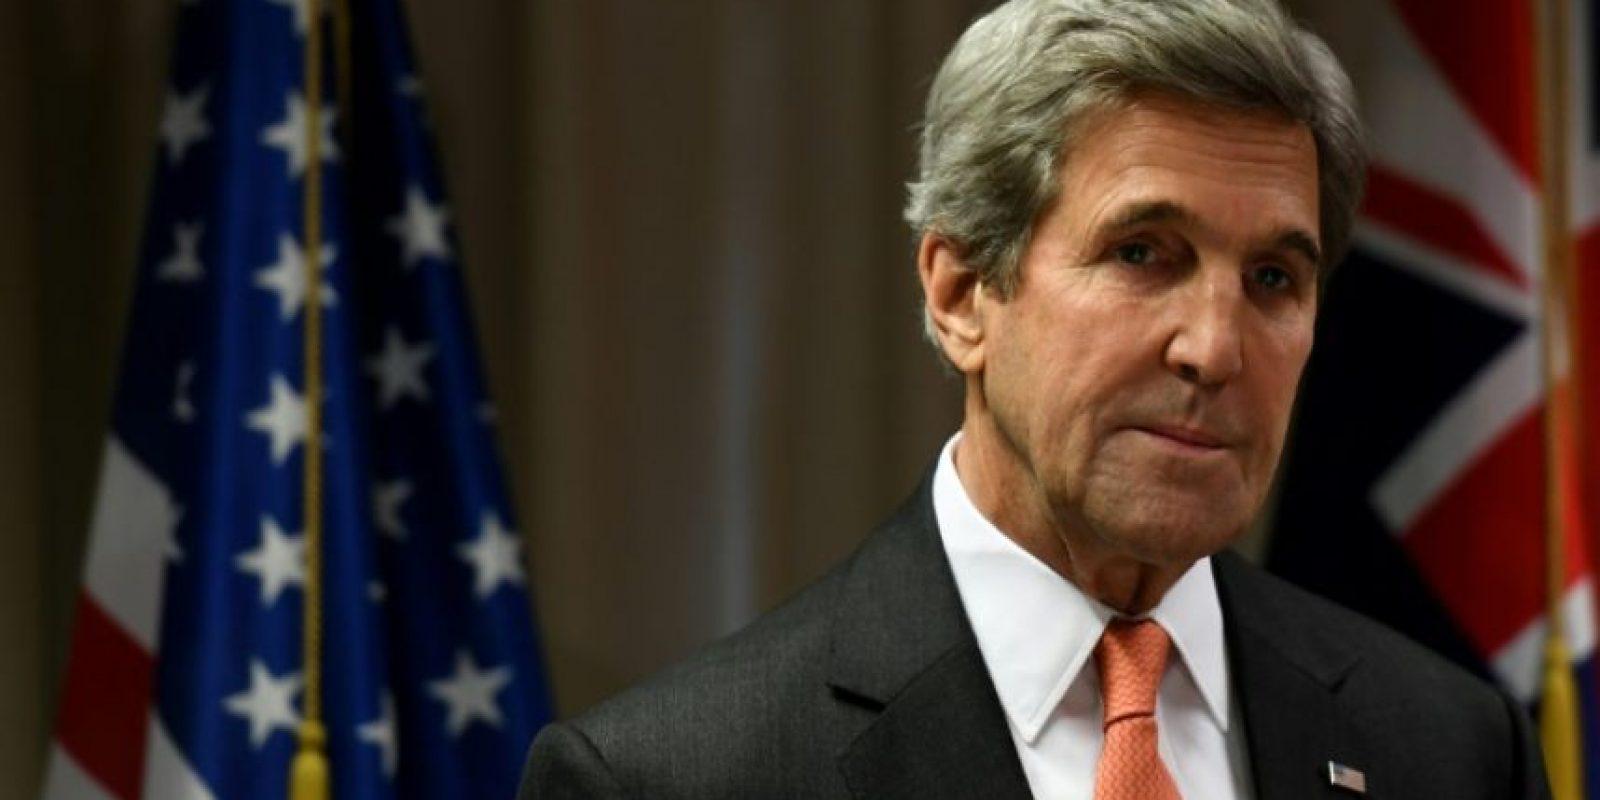 El secretario de Estado estadounidense, John Kerry, felicita al presidente electo Donald Trump, en Christchurch el 10 de noviembre de 2016 durante su visita a Nueva Zelanda Foto:Mark Ralston/afp.com